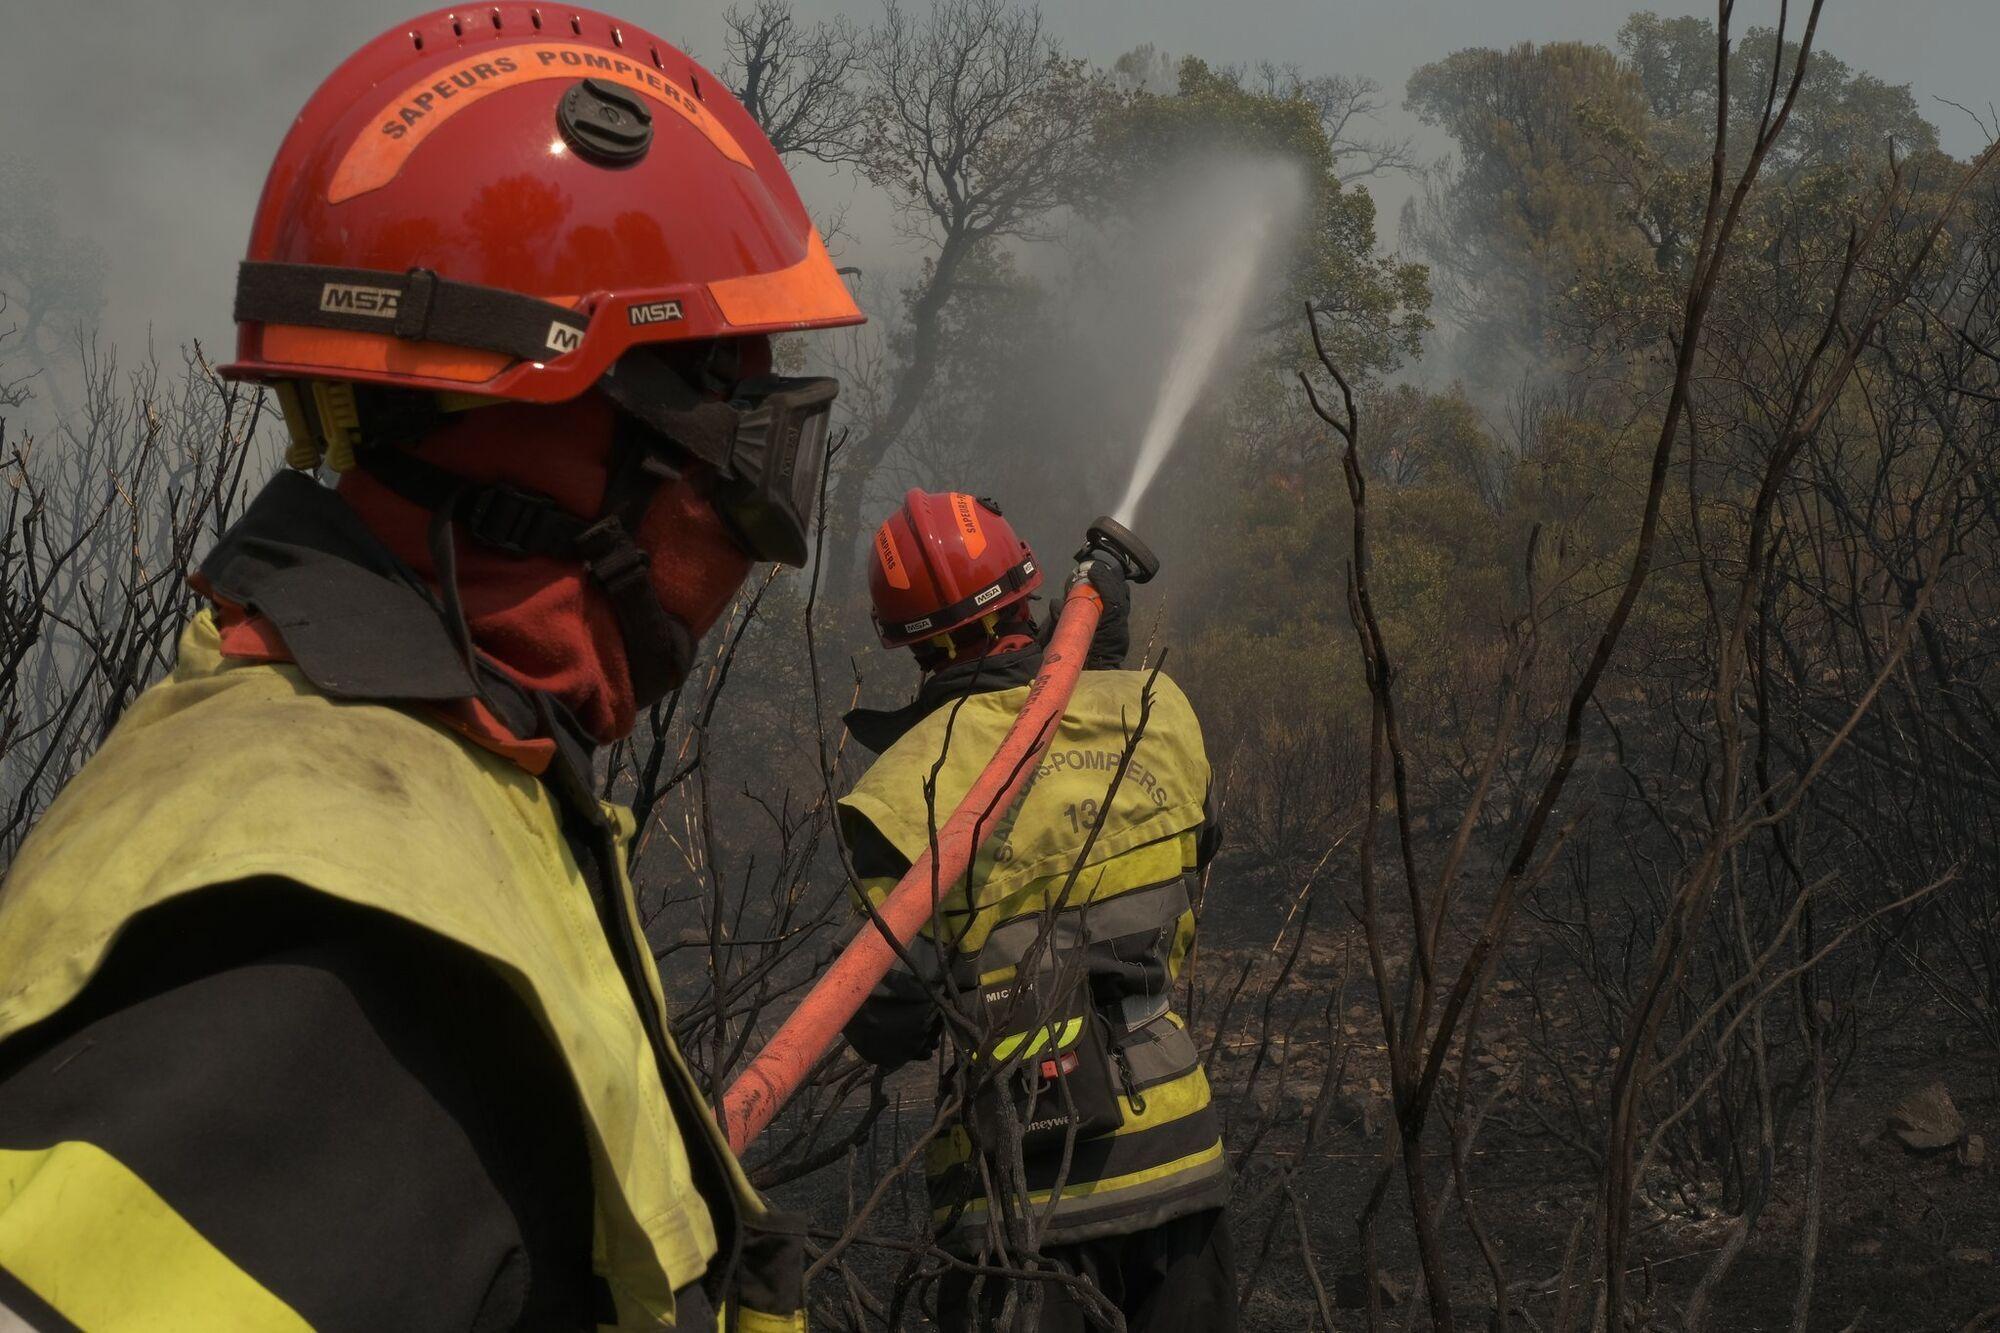 До гасіння залучено близько 1200 рятувальників